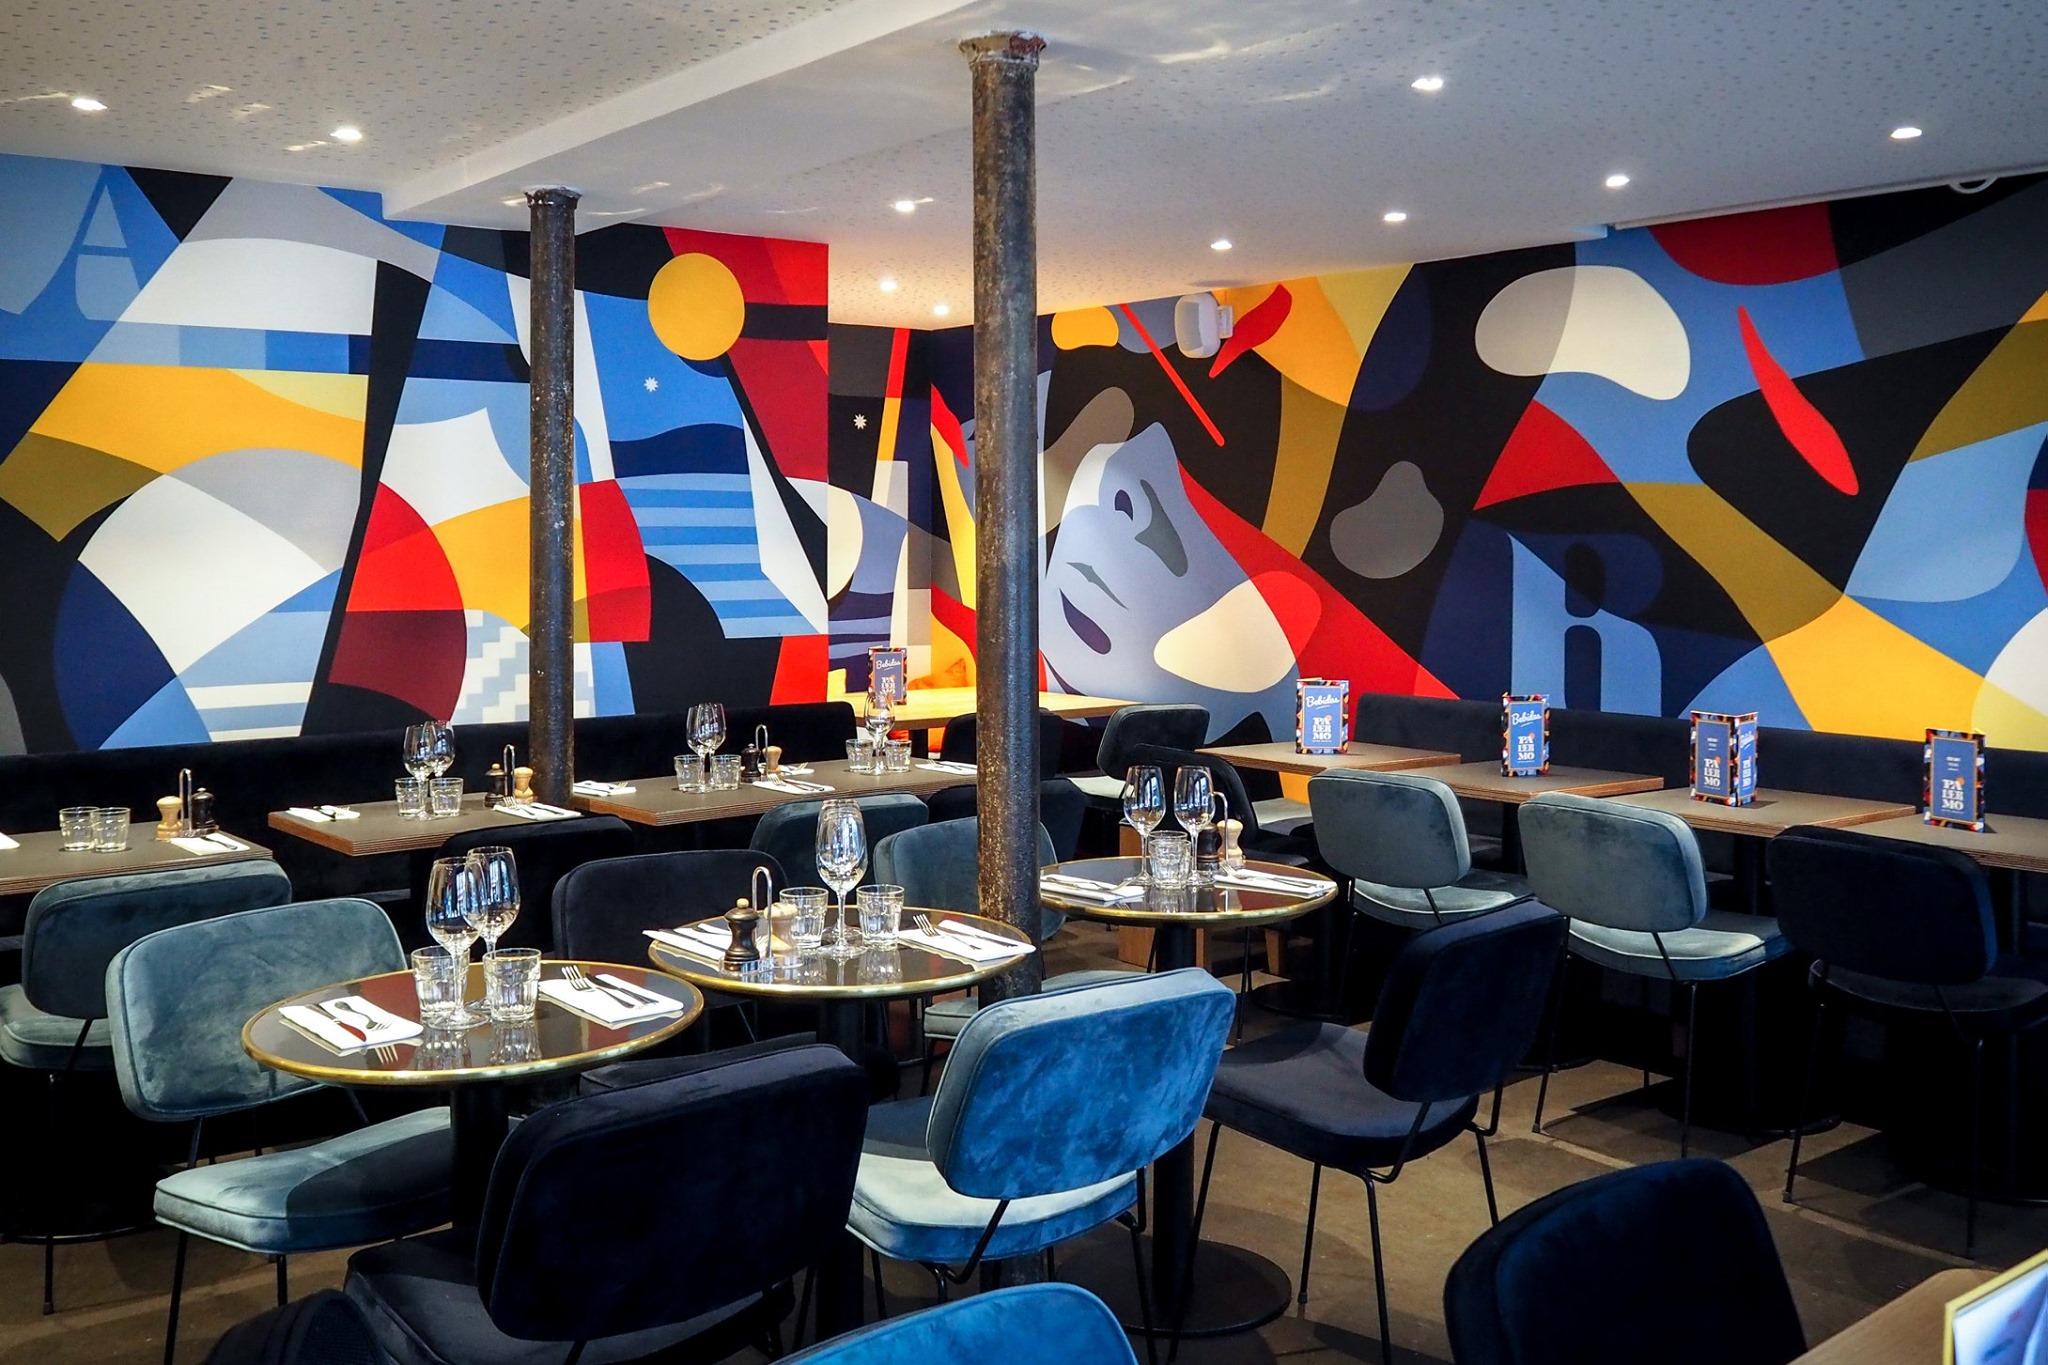 décoration mural dans un restaurant parisien